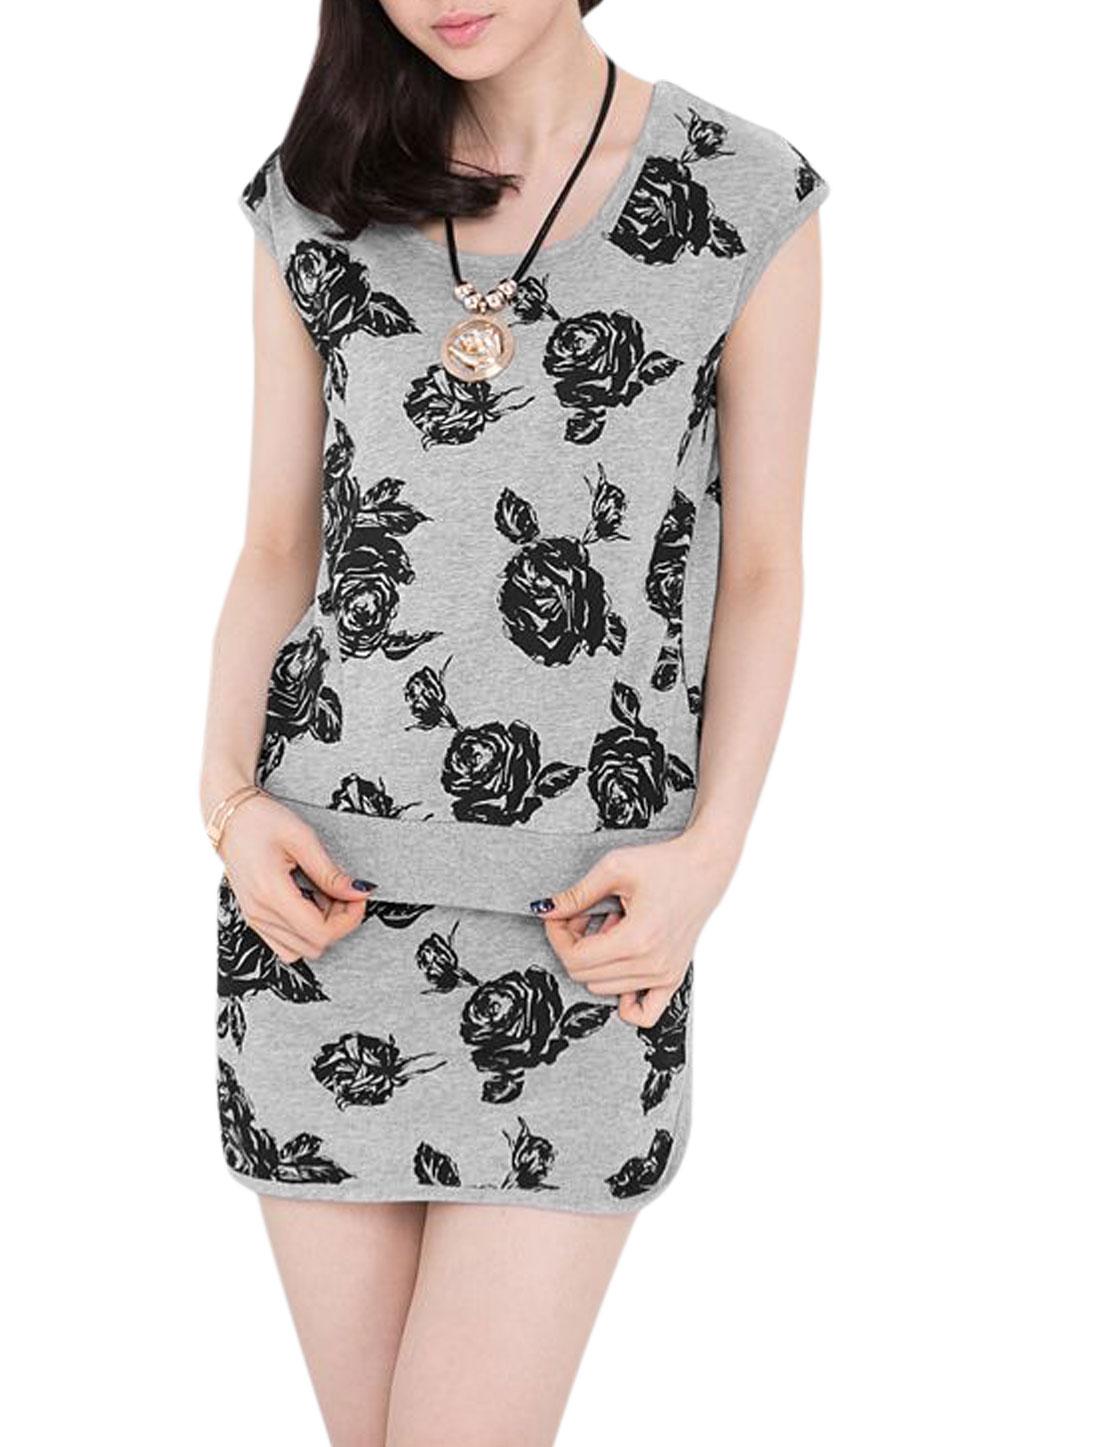 Lady Floral Prints Top w Elastic Drawstring Waist Mini Skort Set Gray XS